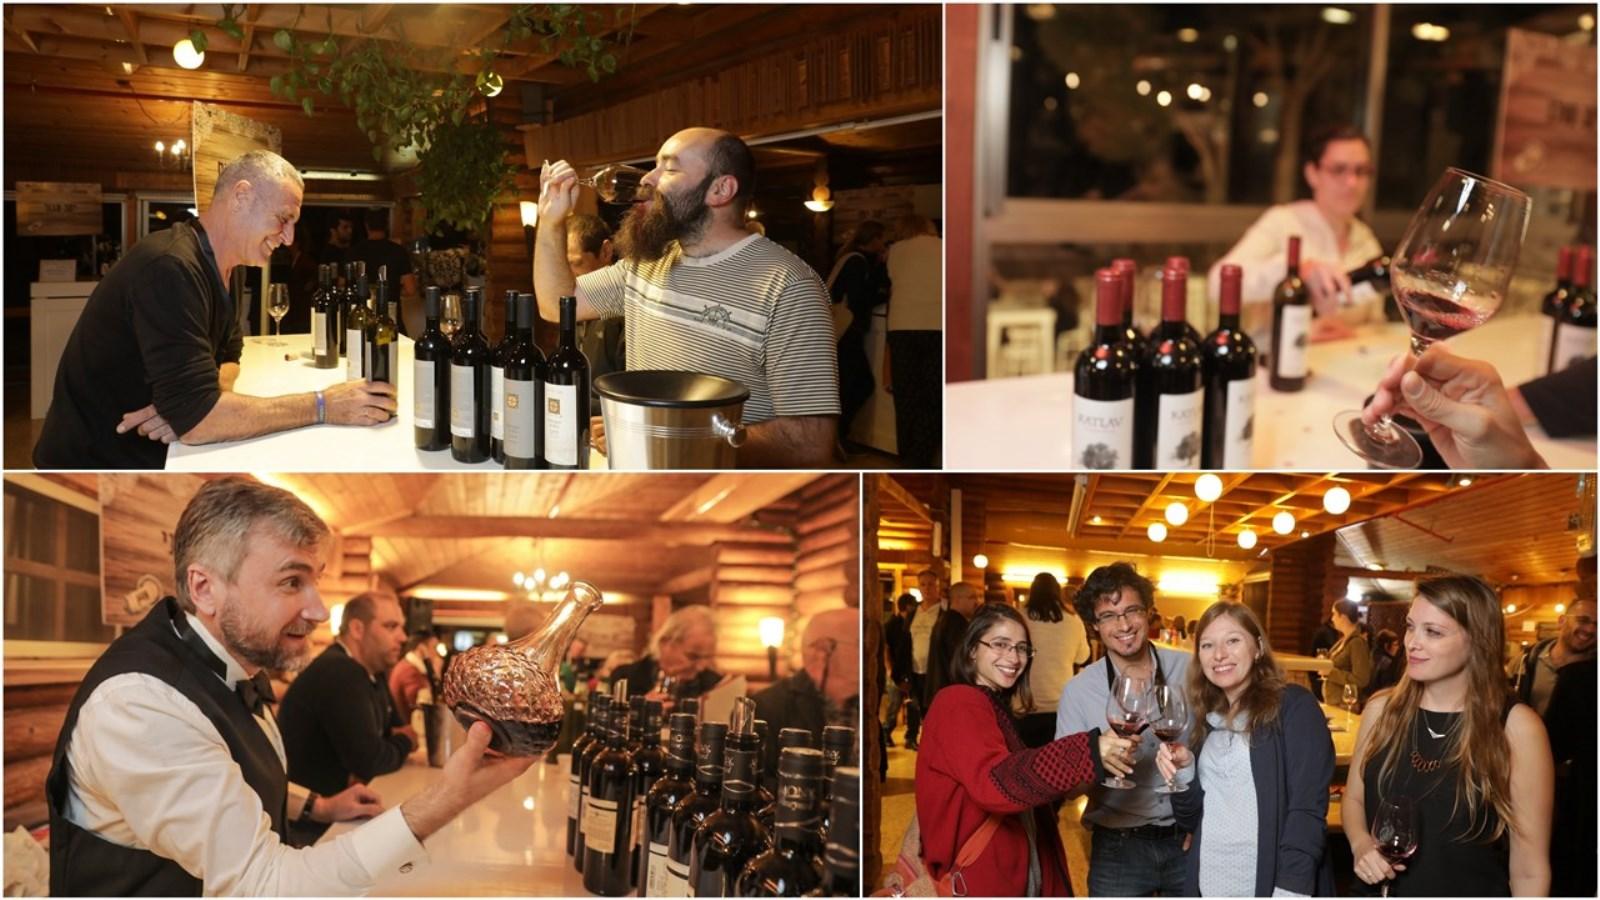 Das einmonatige Weinfest hat begonnen